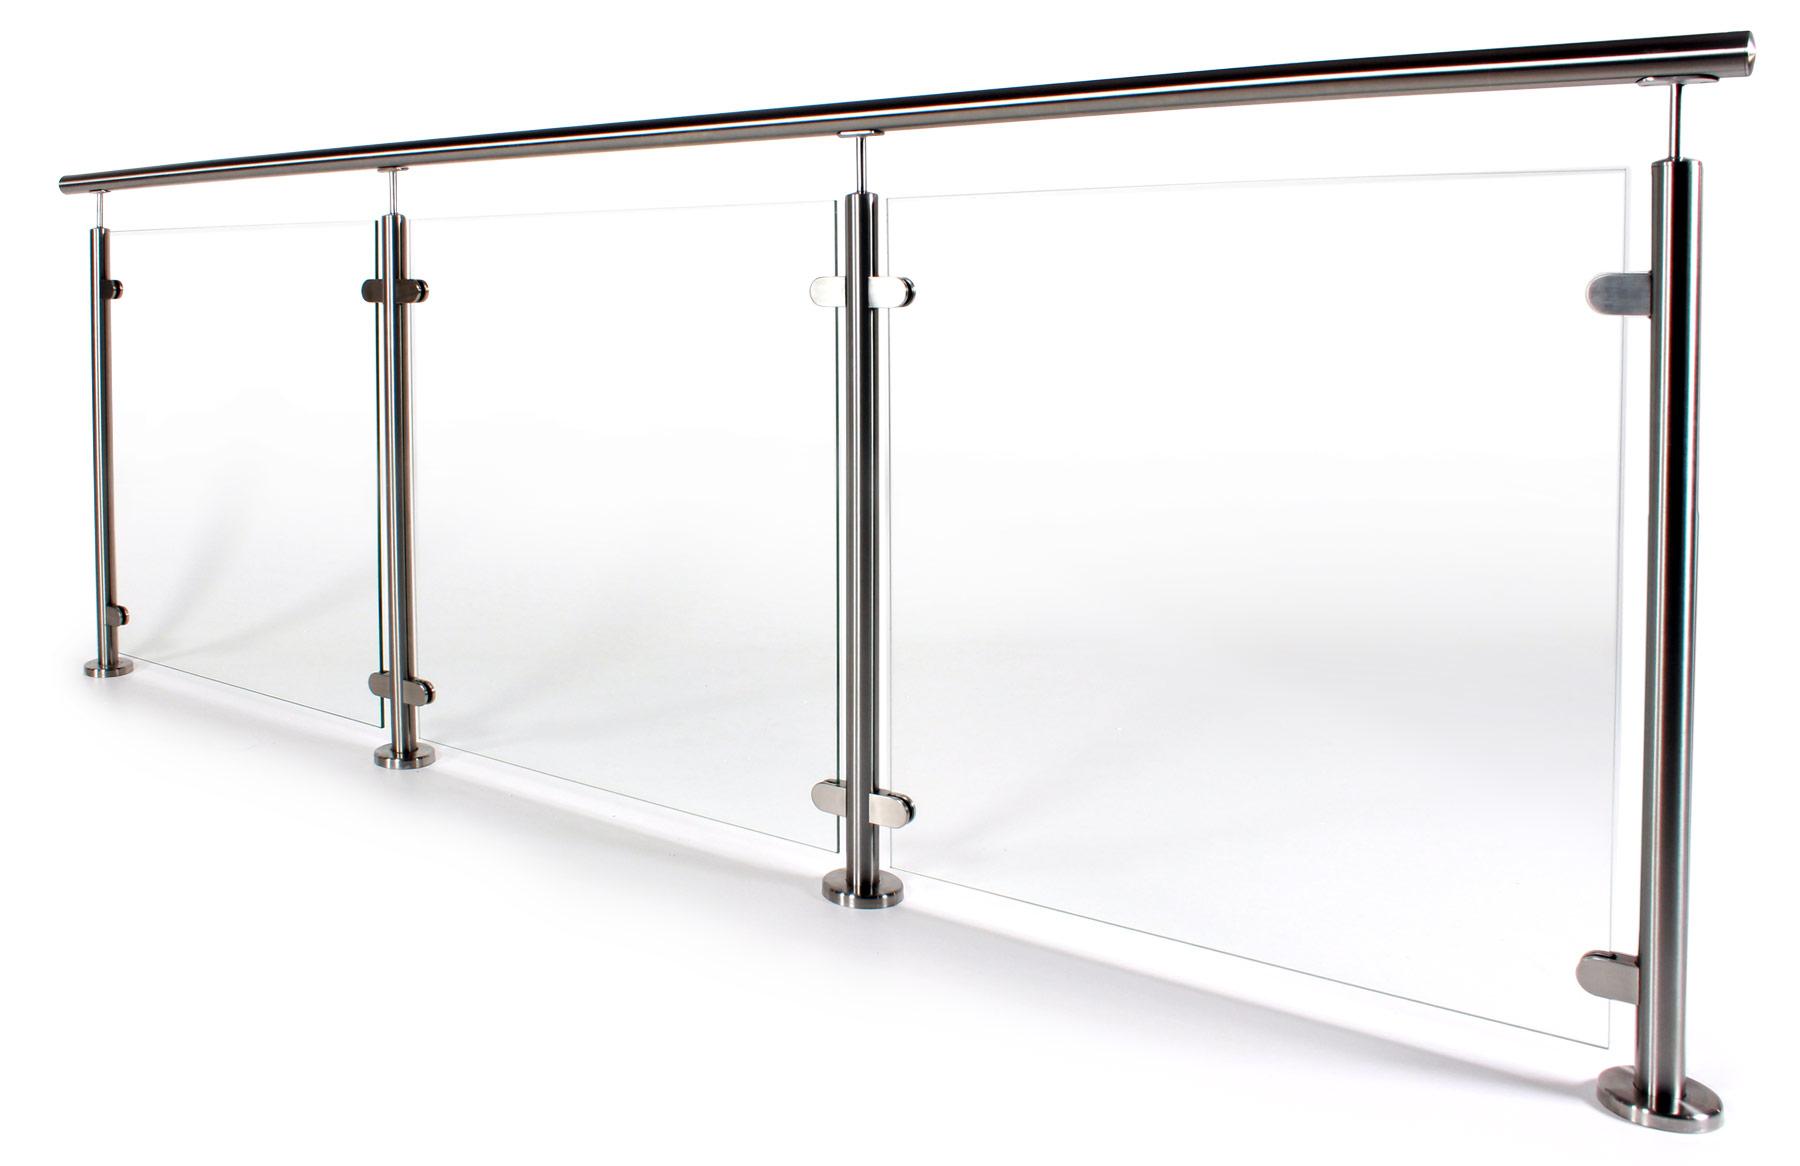 altan gel nder i glas f prisen med det samme gel nderbutikken. Black Bedroom Furniture Sets. Home Design Ideas